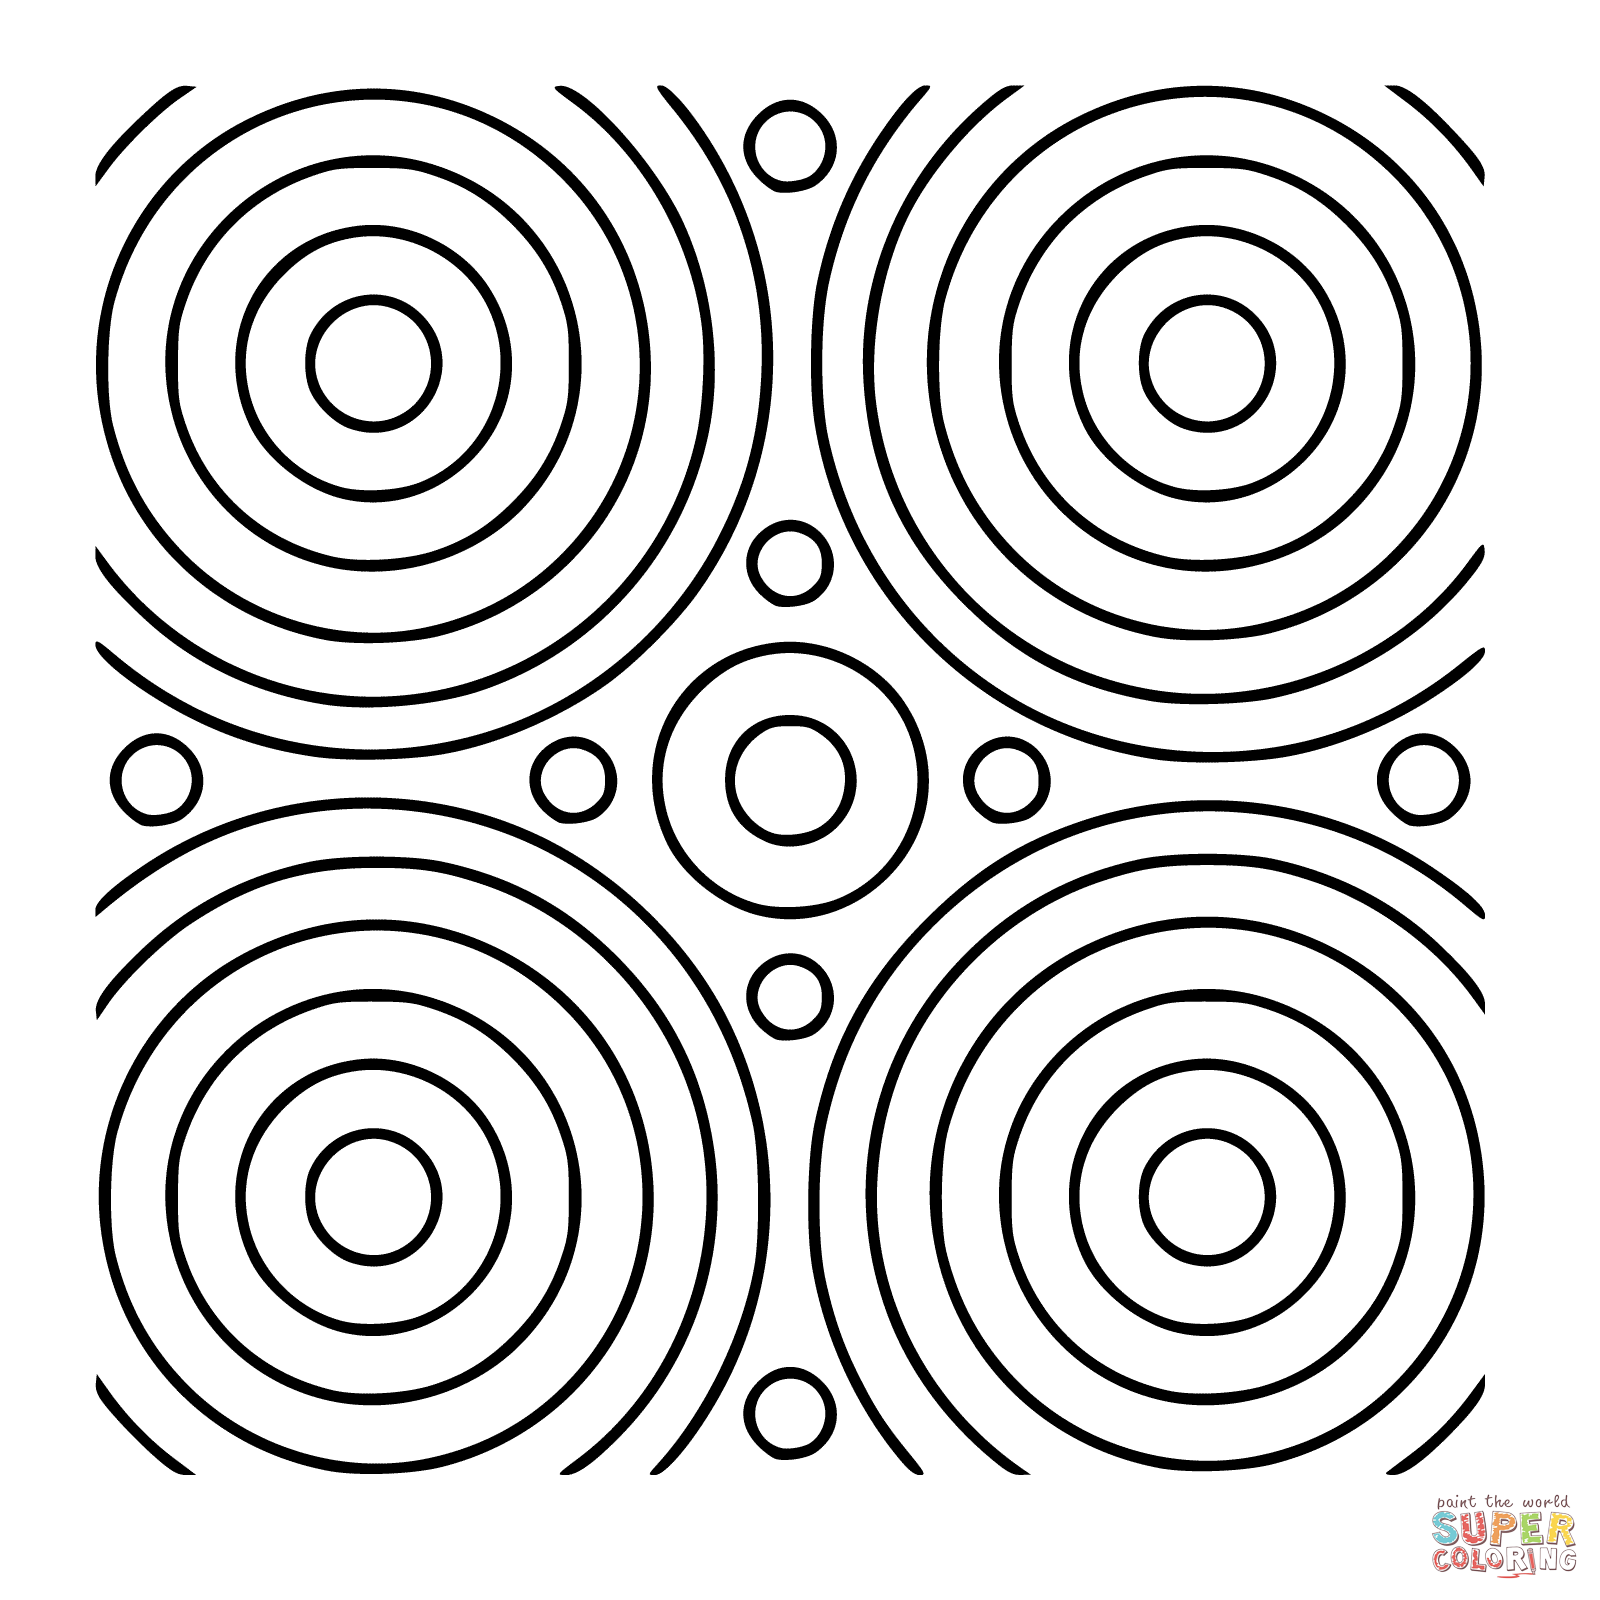 96 dessins de coloriage soleil azt que imprimer - Dessin azteque ...